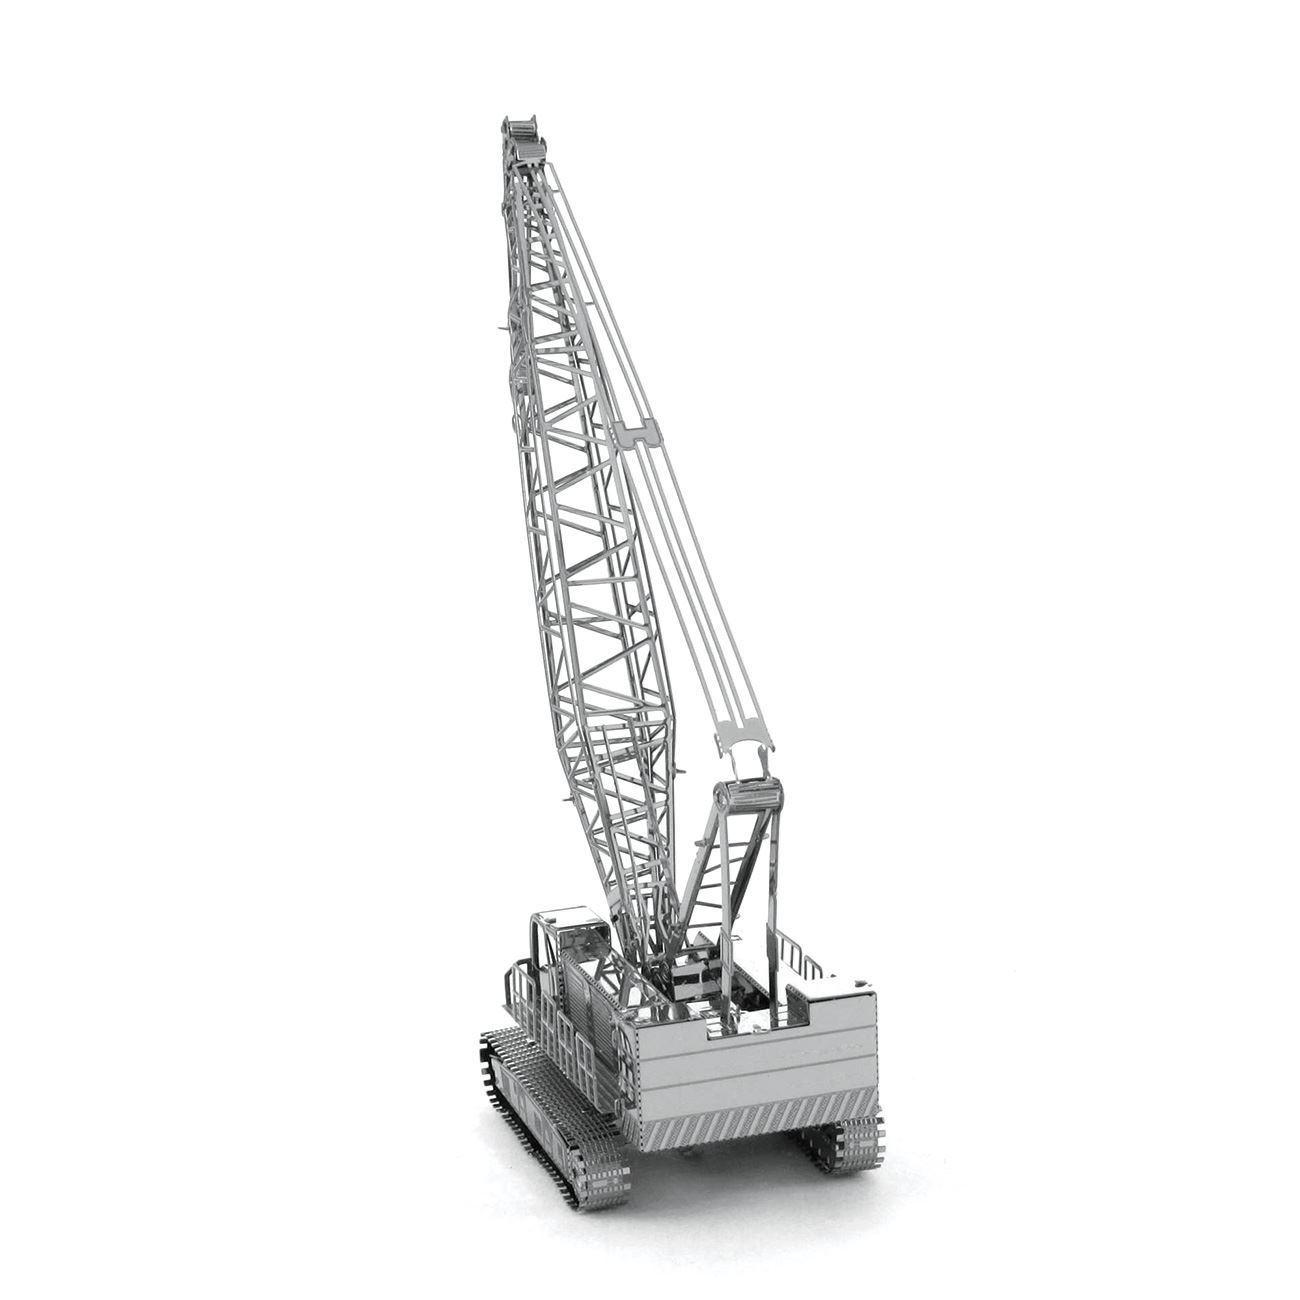 Metal Earth Crawler Crane Metal Earth Diy 3d Metal